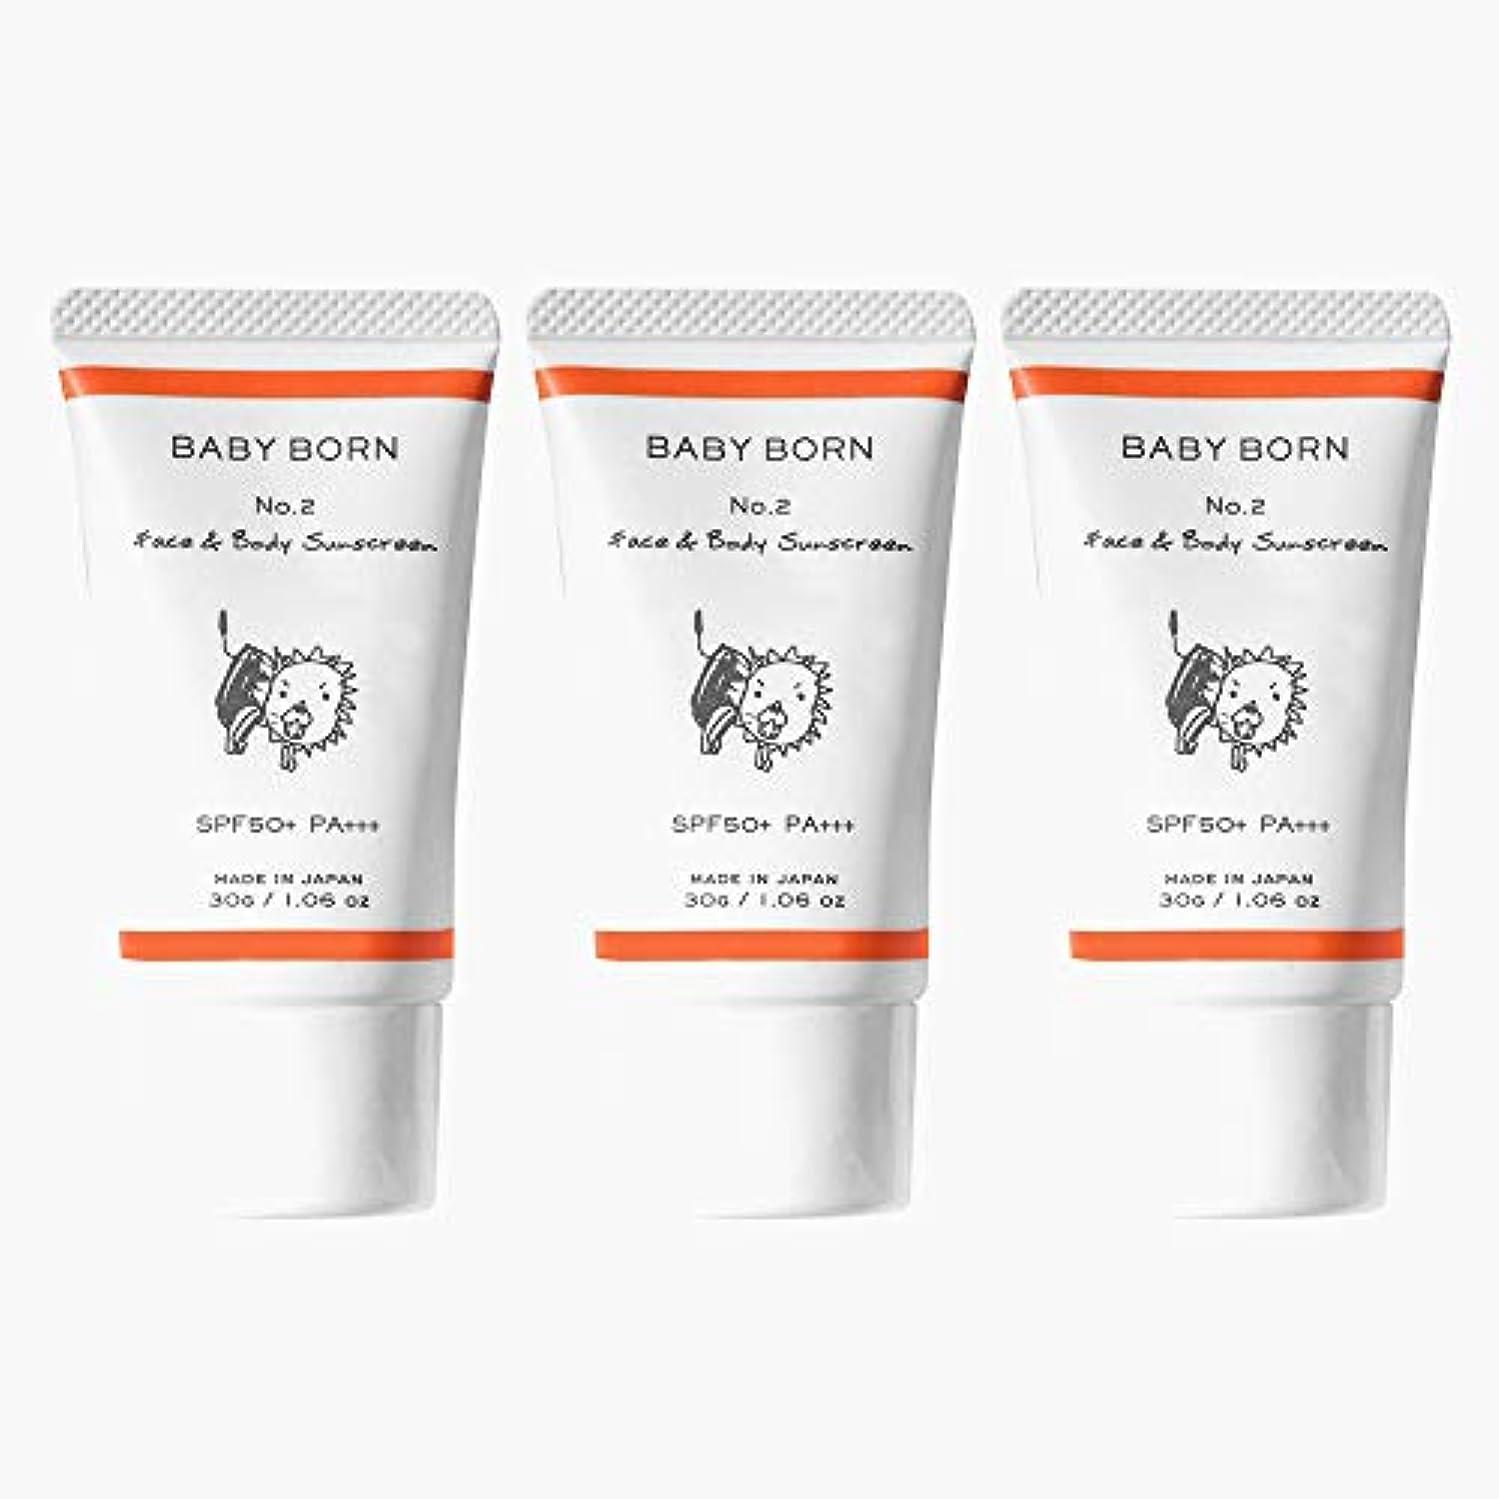 午後小川成功日焼け止め 赤ちゃんや子どもにも使えるBABY BORN(ベビーボーン) Face&Body Sunscreen 3個セット 日焼け止め UV ケア 東原亜希 高橋ミカ 共同開発 SPF50+/PA++++